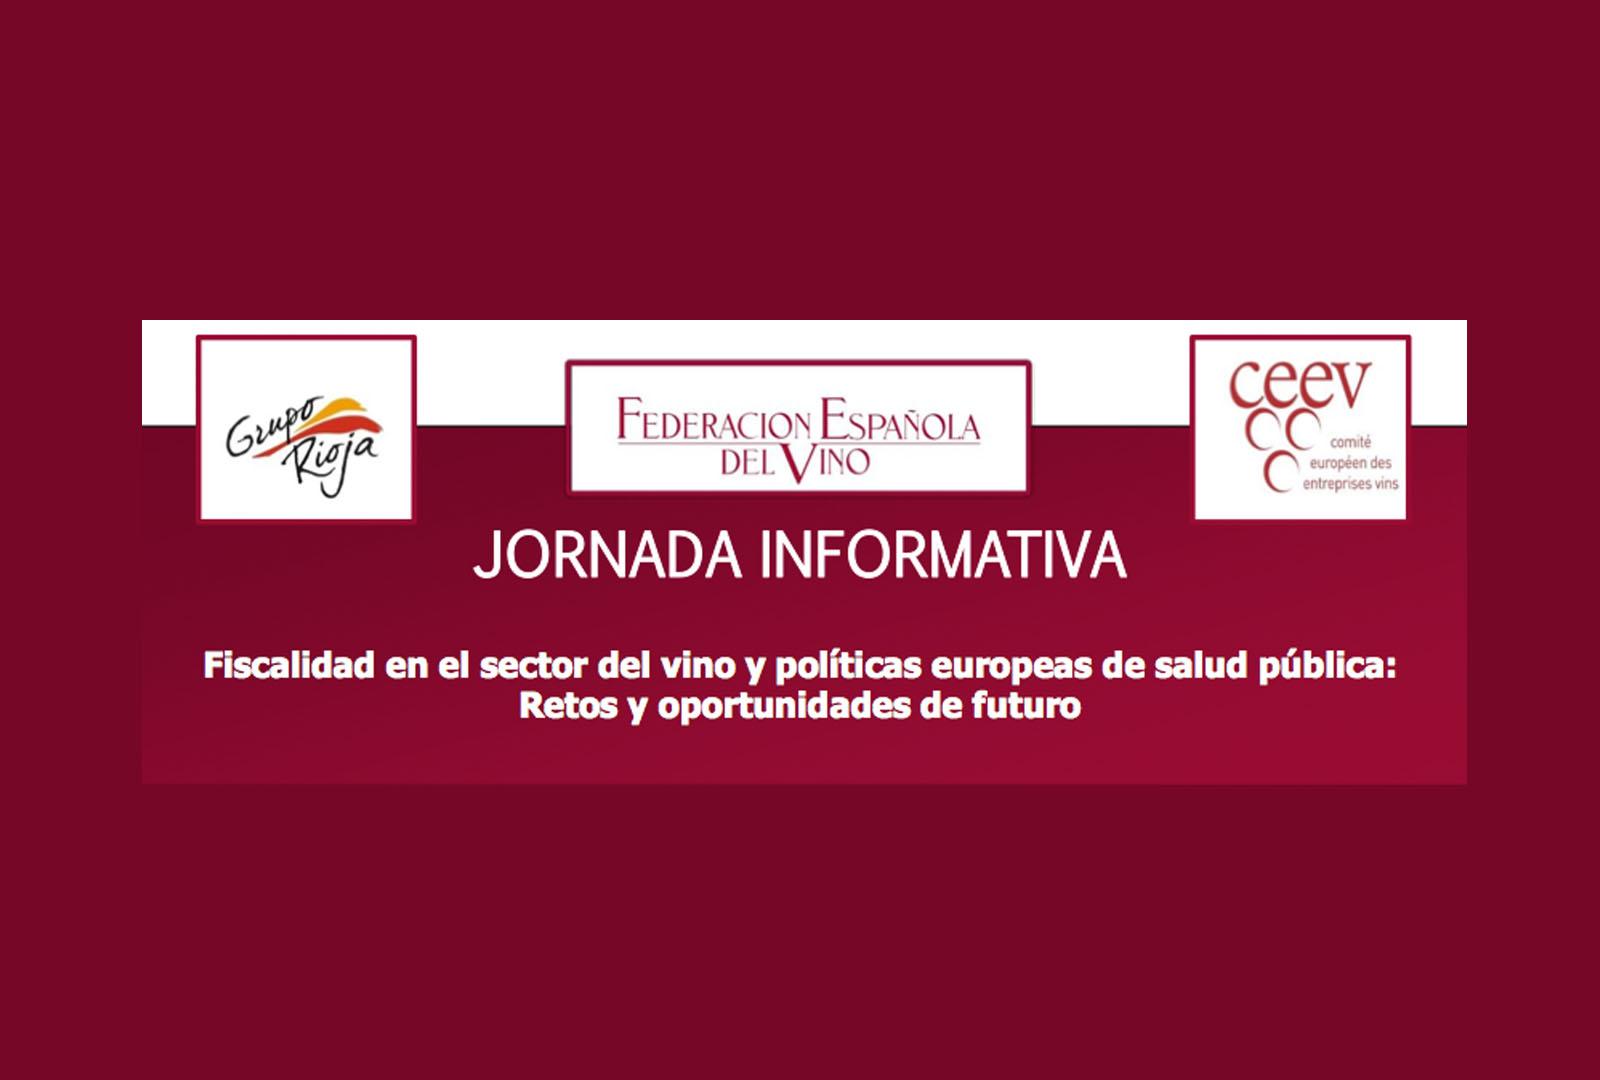 Fiscalidad en el sector del vino y políticas europeas.